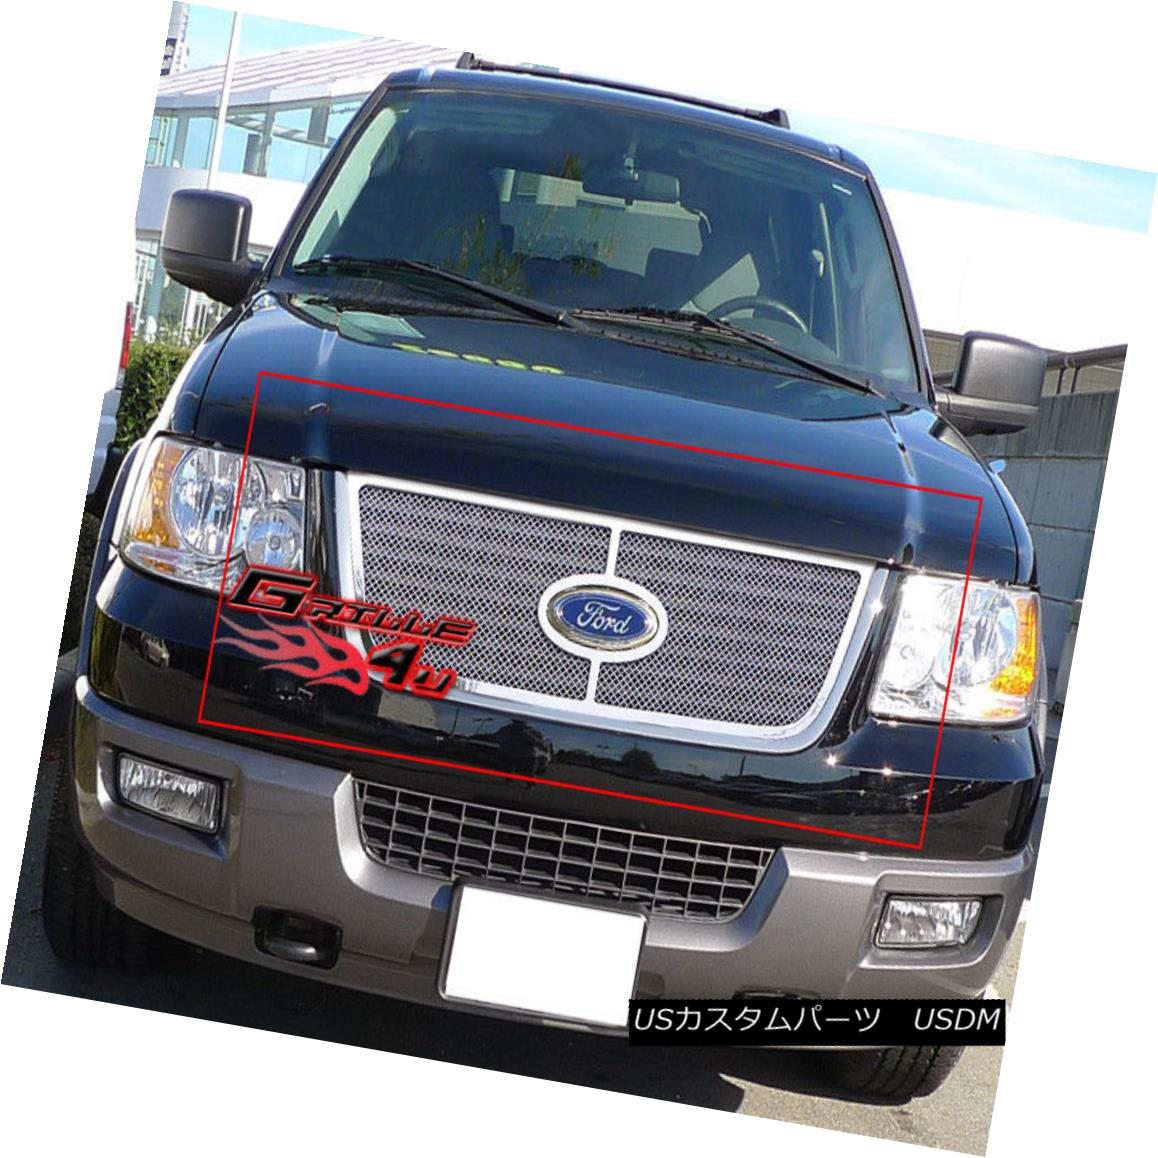 グリル Fits 2003-2006 Ford Expedition Stainless Mesh Grille Insert フィット2003-2006フォード遠征ステンレスメッシュグリルインサート